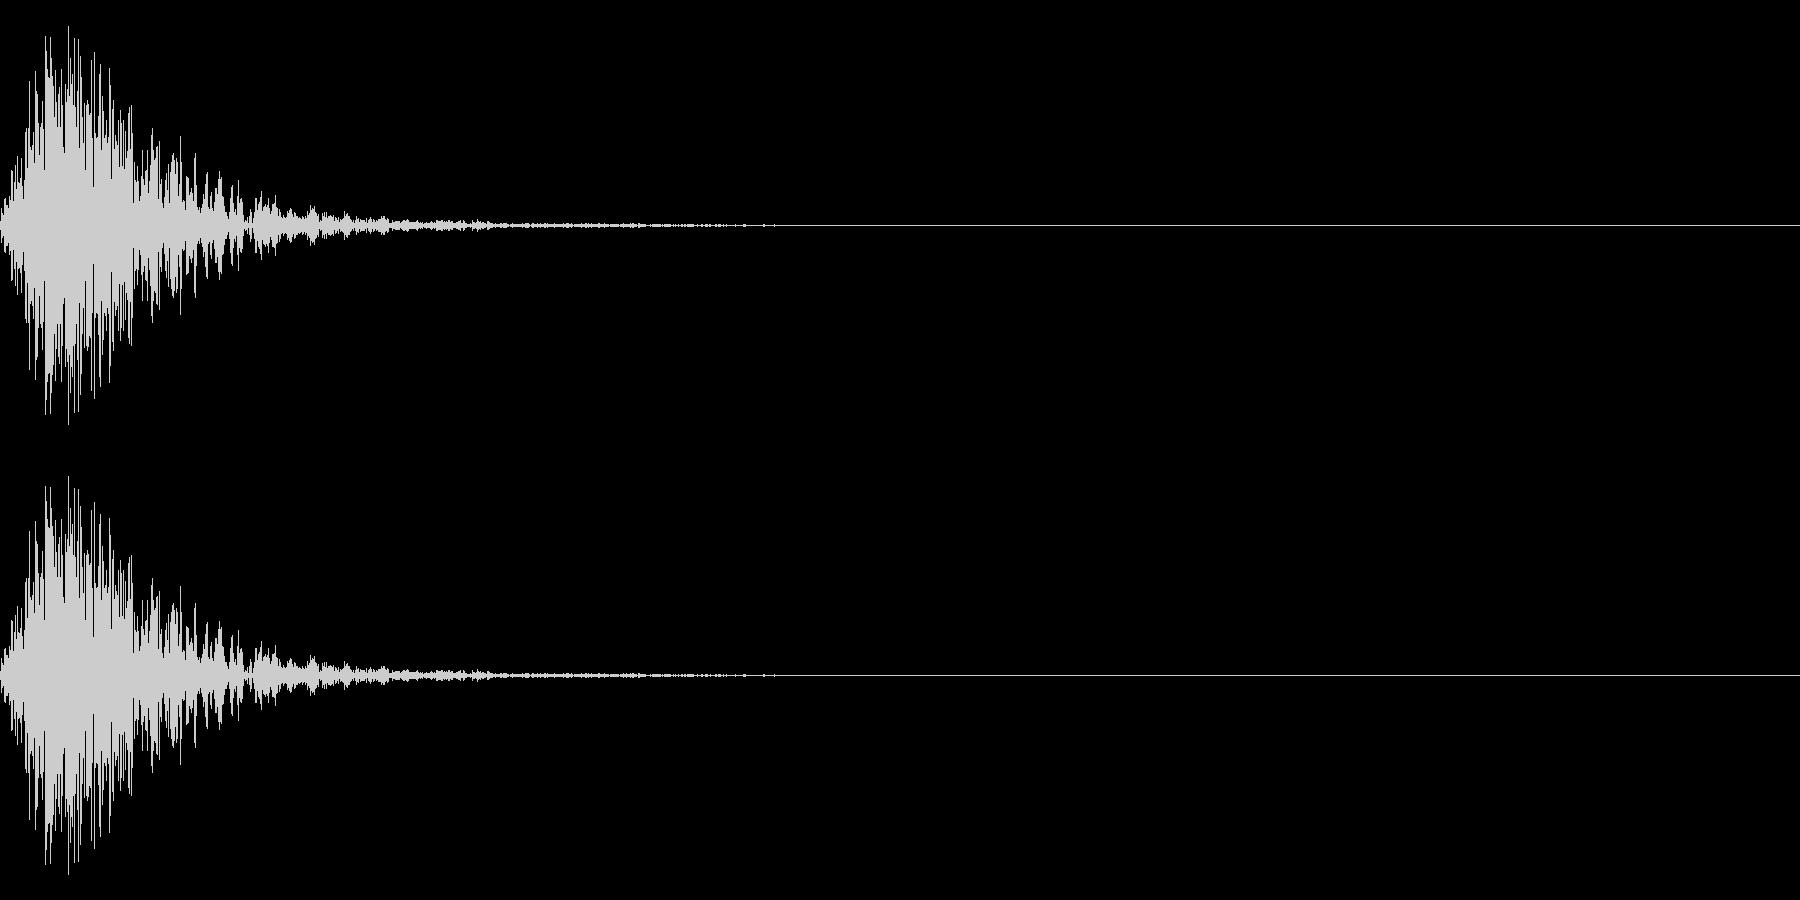 矢を放つイメージ(電子音)の未再生の波形